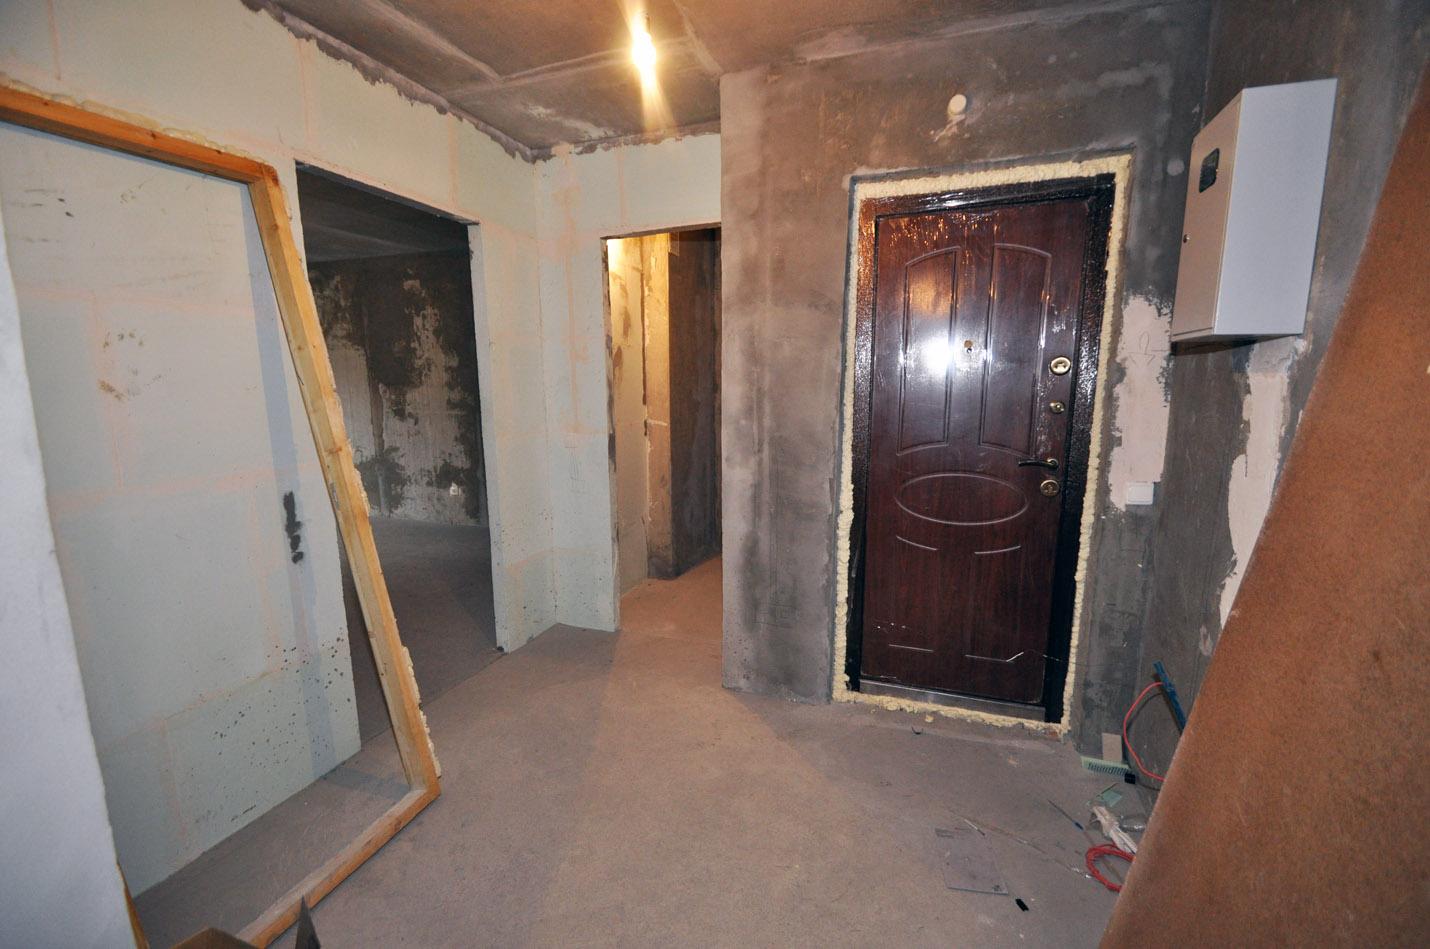 Ремонт квартир, домов, коттеджей под ключ в Москве и МО